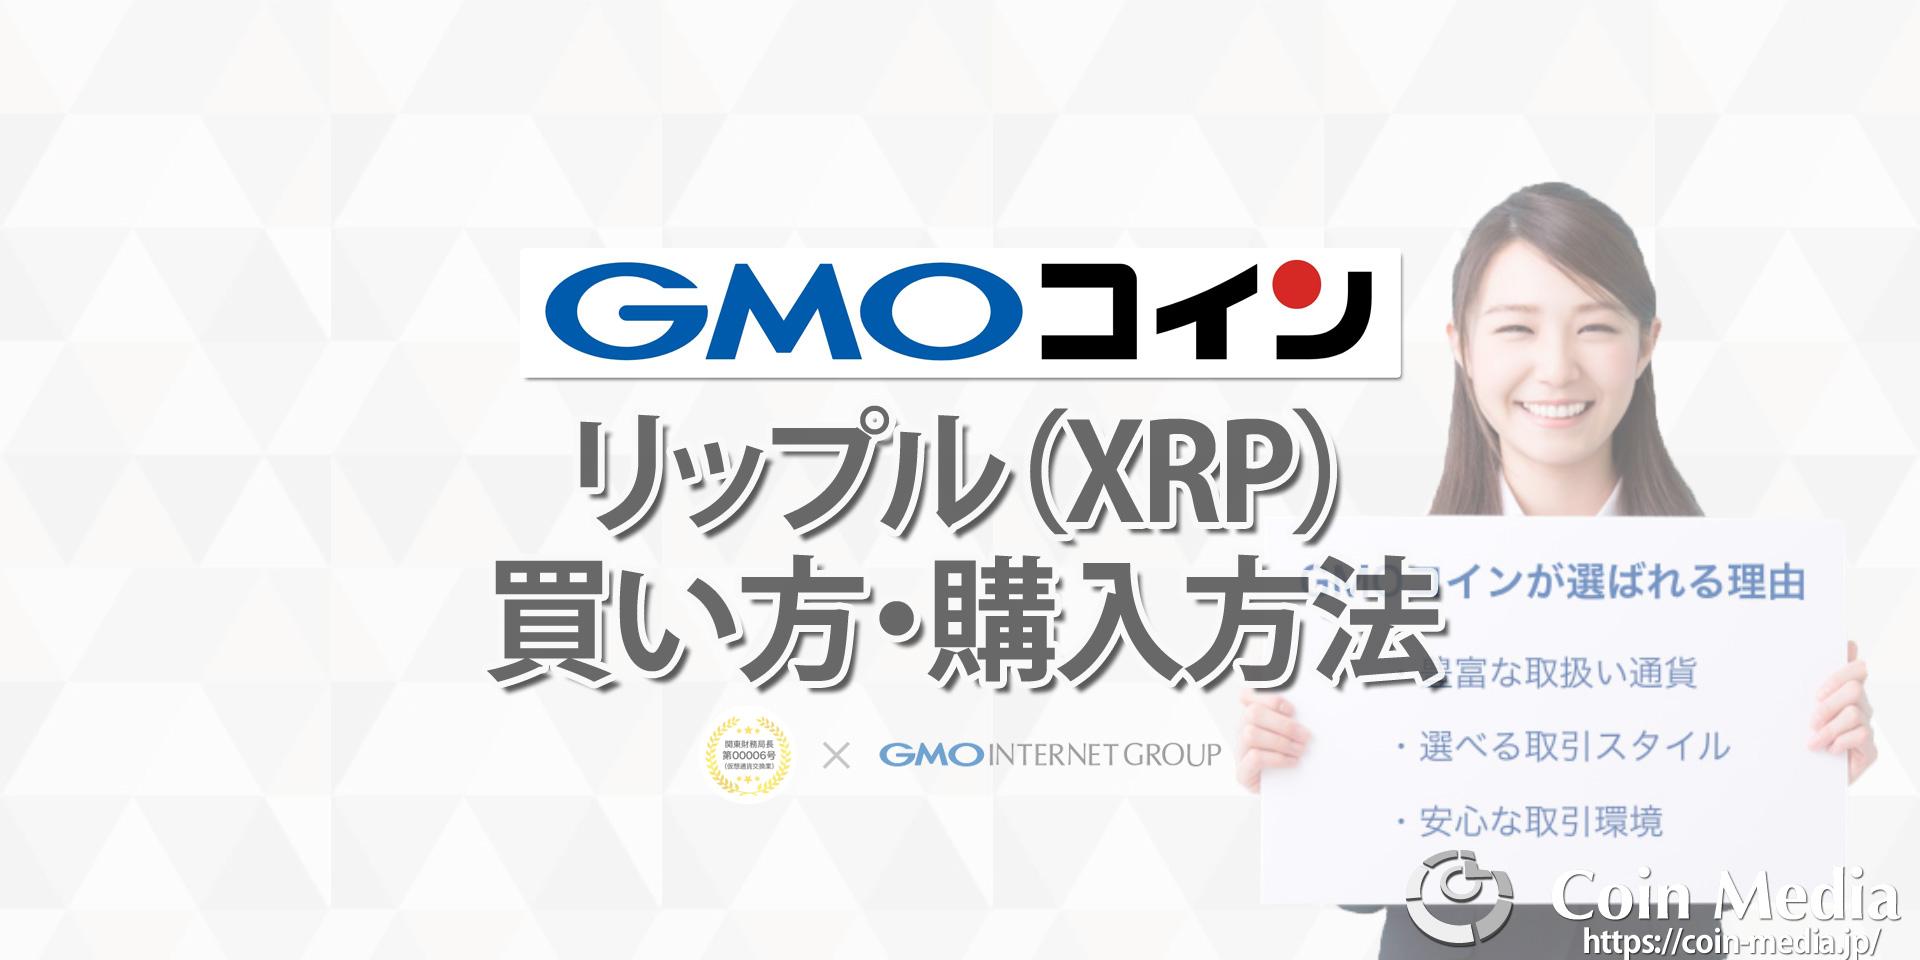 GMOコインリップル(XRP)の買い方、購入方法